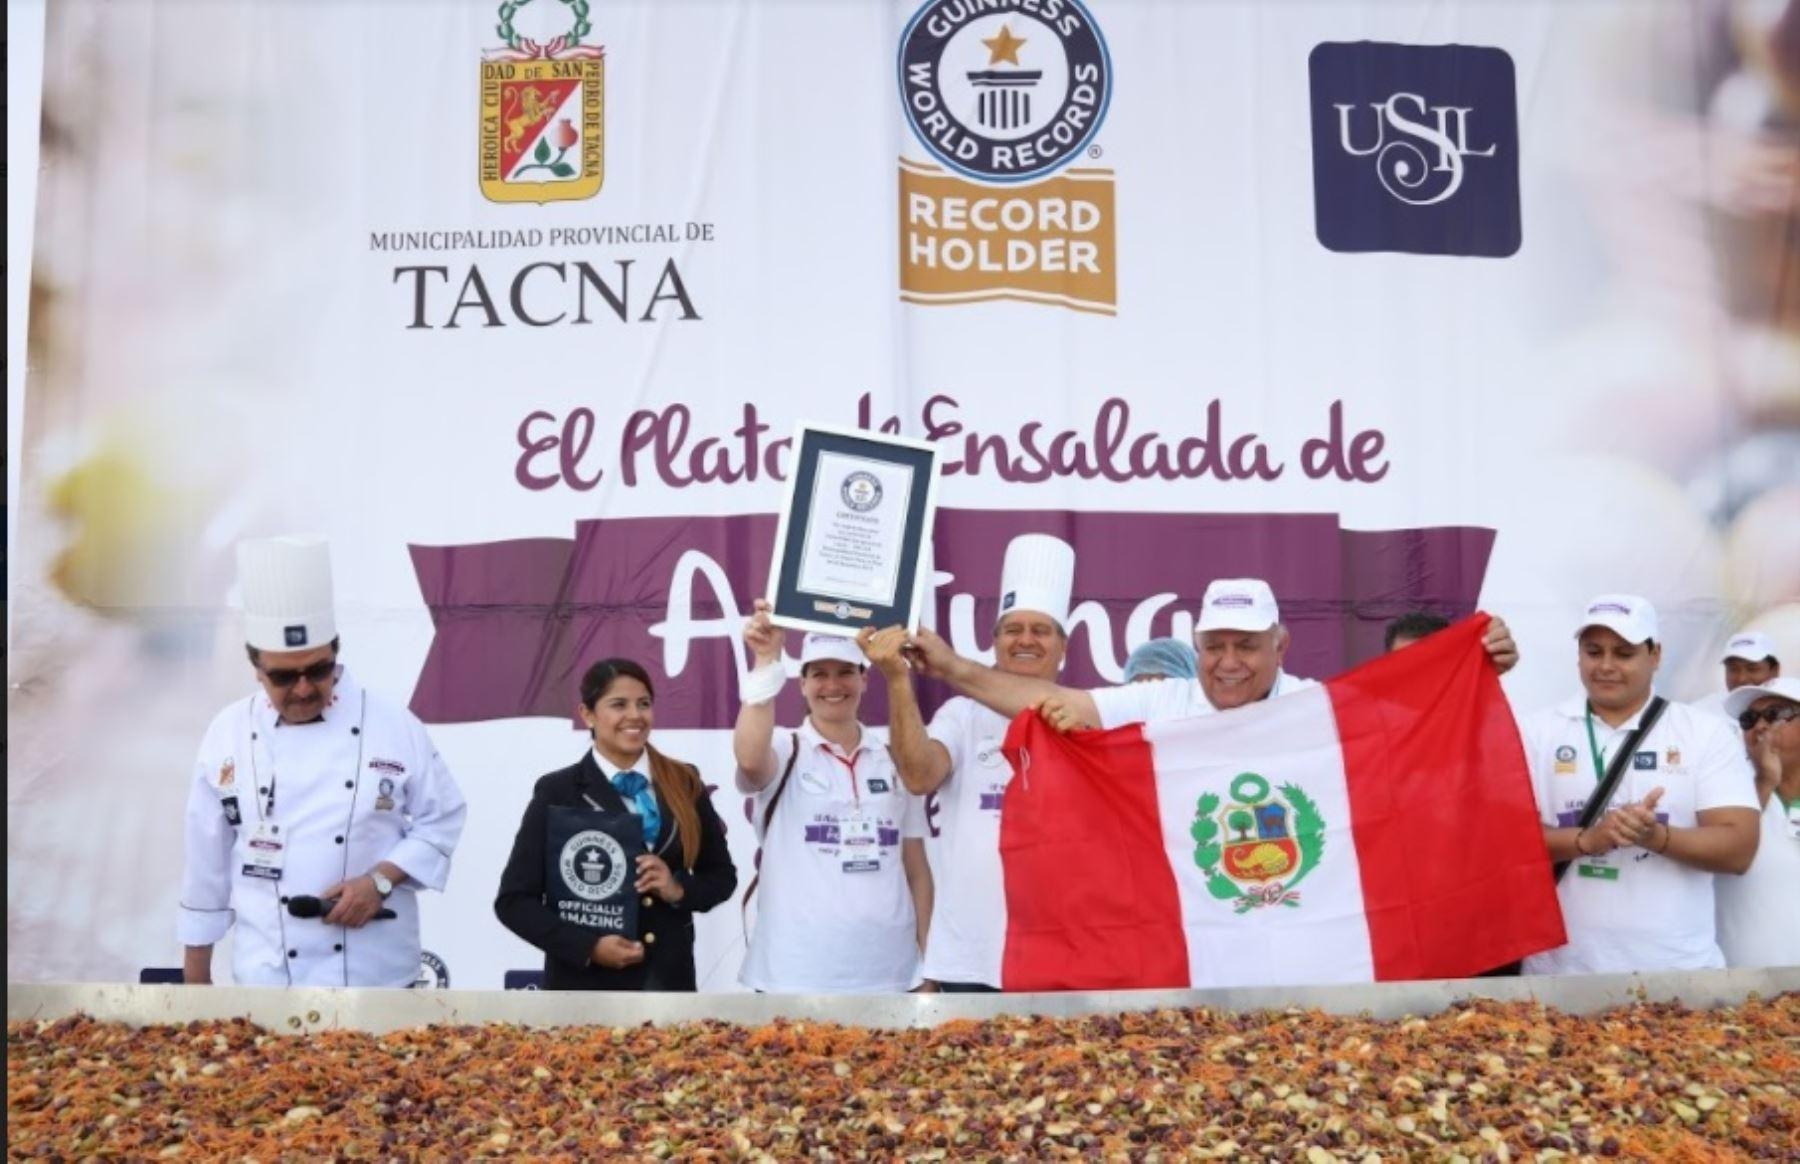 Para lograr este récord se contó con la presencia de Natalia Ramírez, adjudicadora oficial de Guinness World Records.